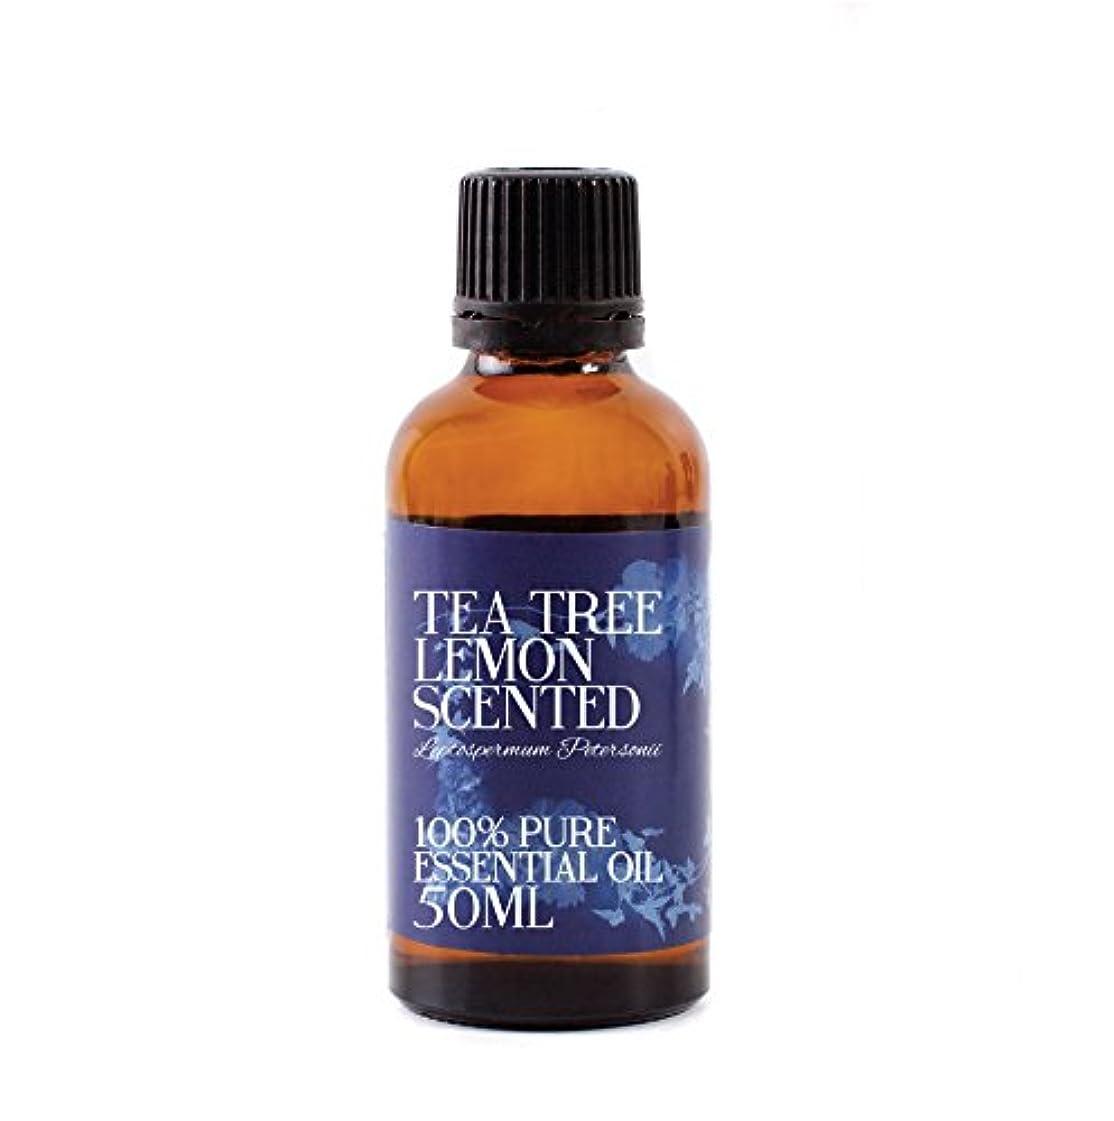 自分の力ですべてをする美徳膨張するMystic Moments | Tea Tree Lemon Scented Essential Oil - 50ml - 100% Pure